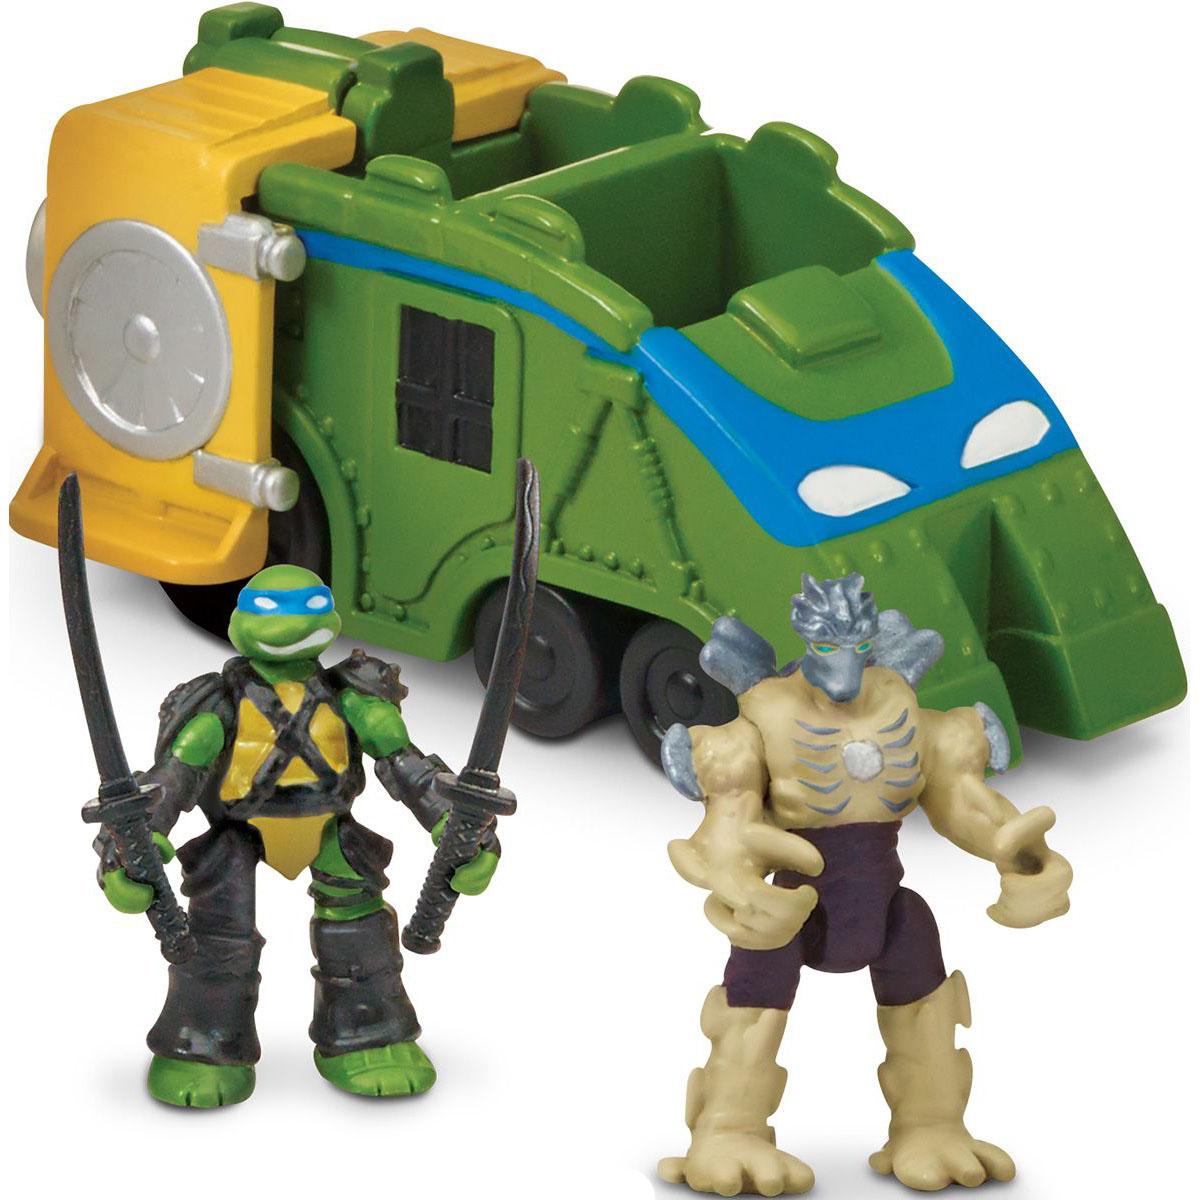 Игровой микронабор - Боевой локомотив Черепашек-ниндзя с фигурками Лео и Шредера, Playmates  - купить со скидкой